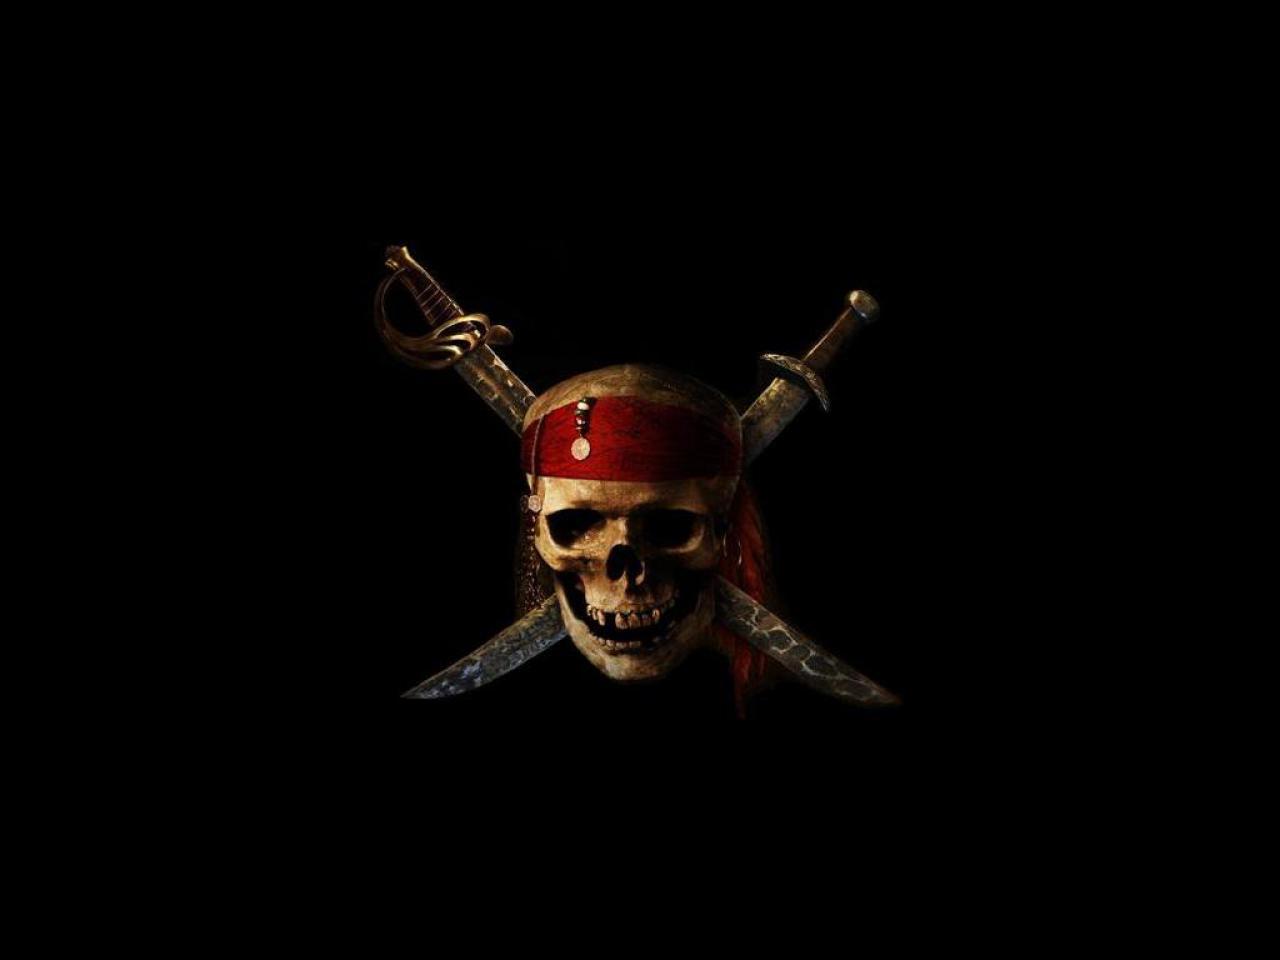 Fonds Décran Du Film Pirates Des Caraïbes La Malédiction